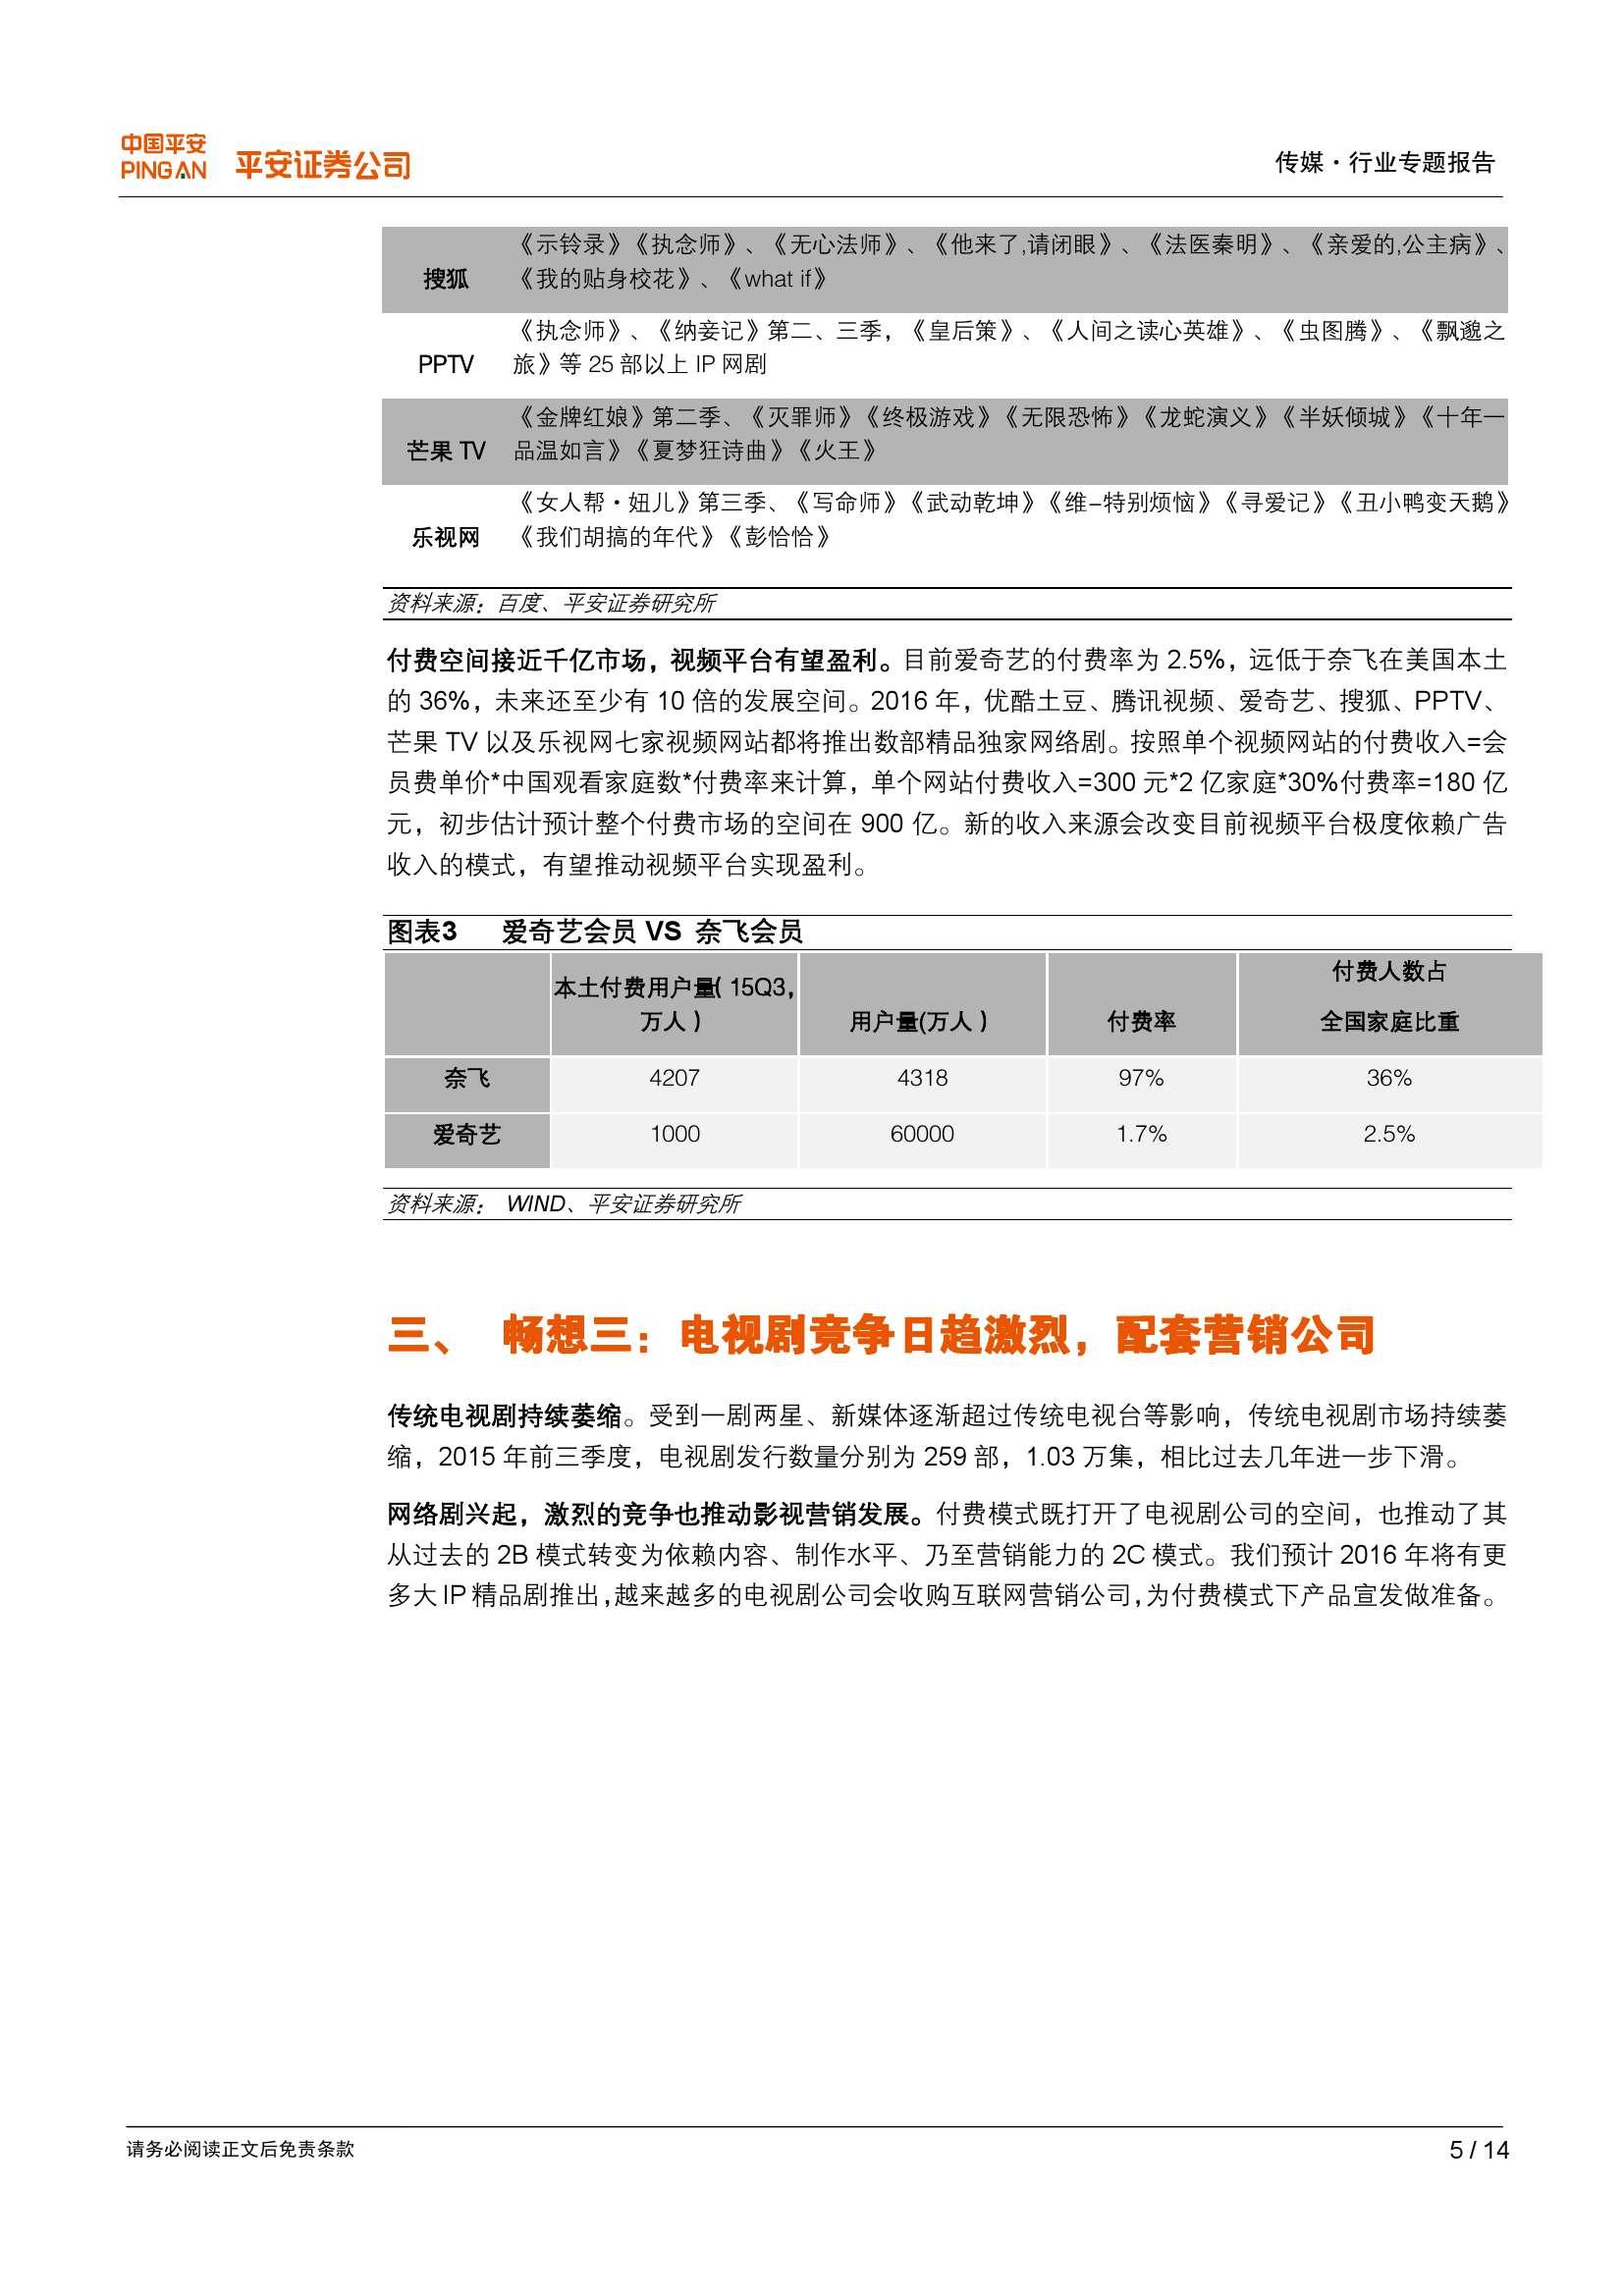 2016年传媒行业10大畅想_000005